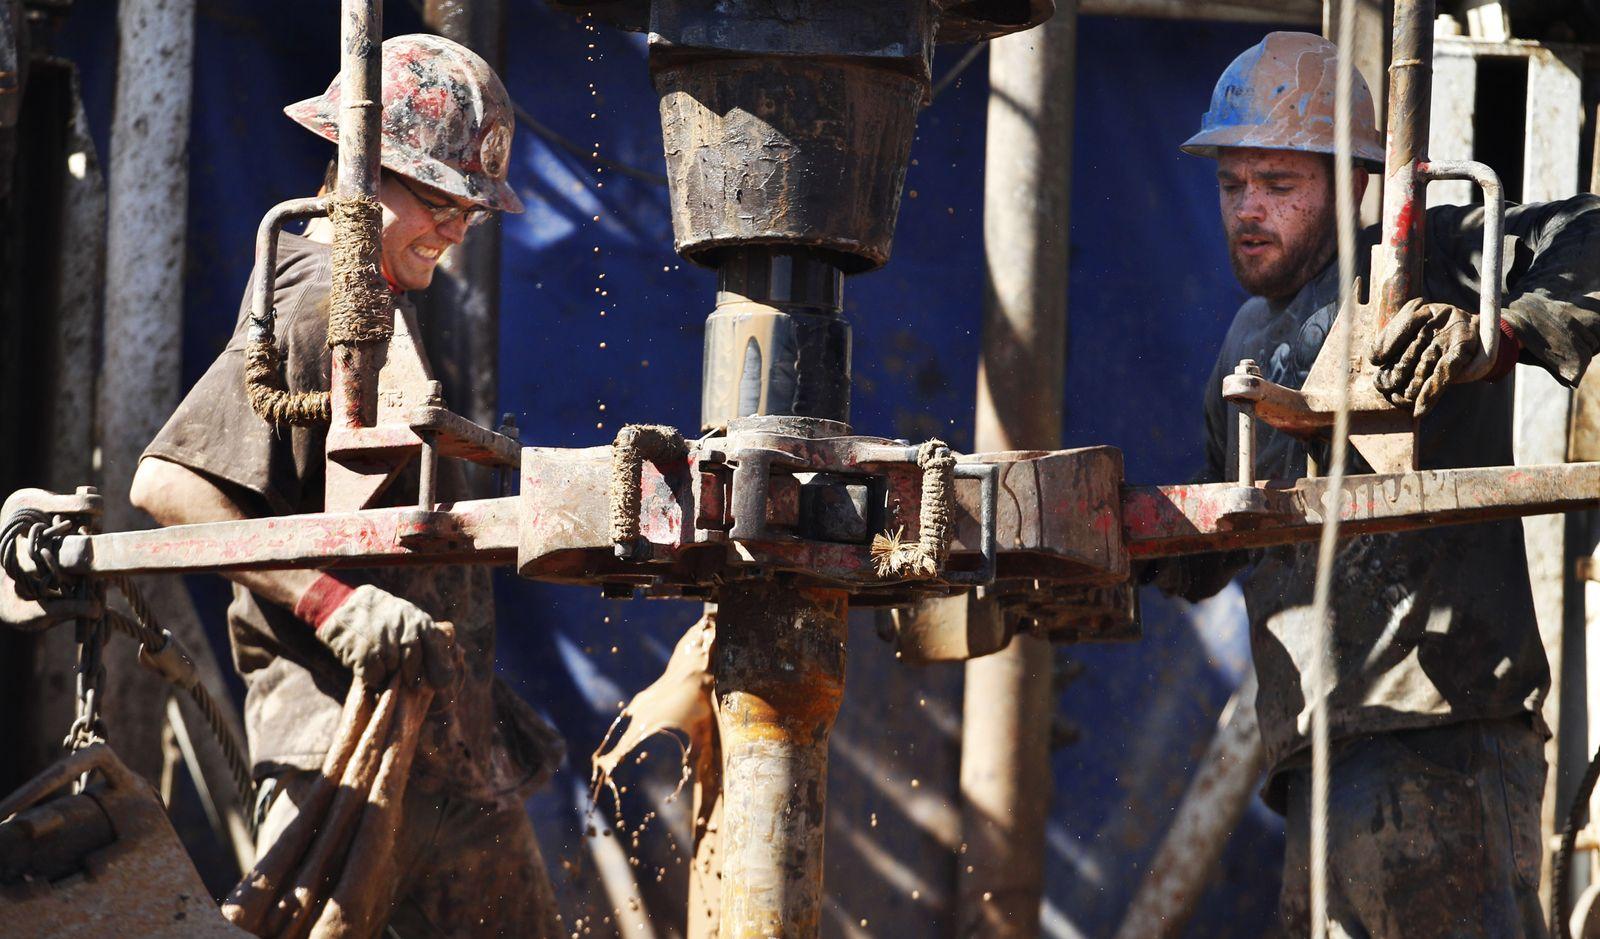 Gasbohrung / Fracking